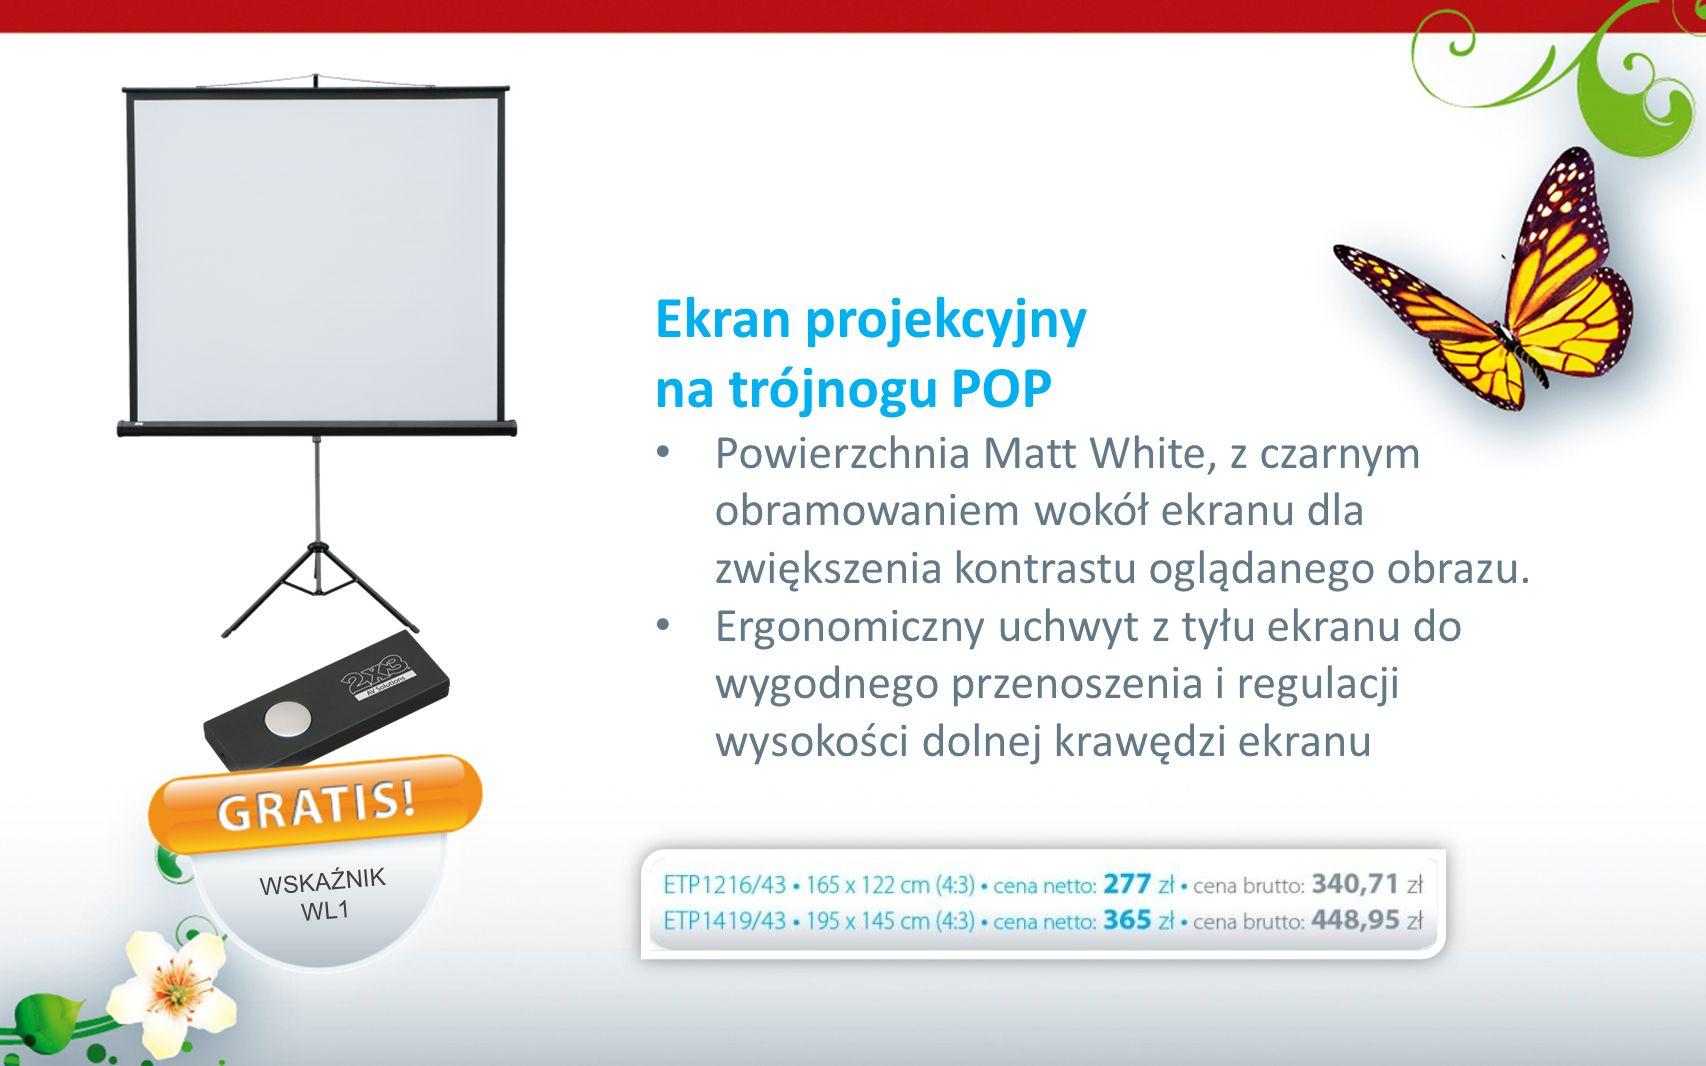 Ekran projekcyjny na trójnogu POP Powierzchnia Matt White, z czarnym obramowaniem wokół ekranu dla zwiększenia kontrastu oglądanego obrazu. Ergonomicz